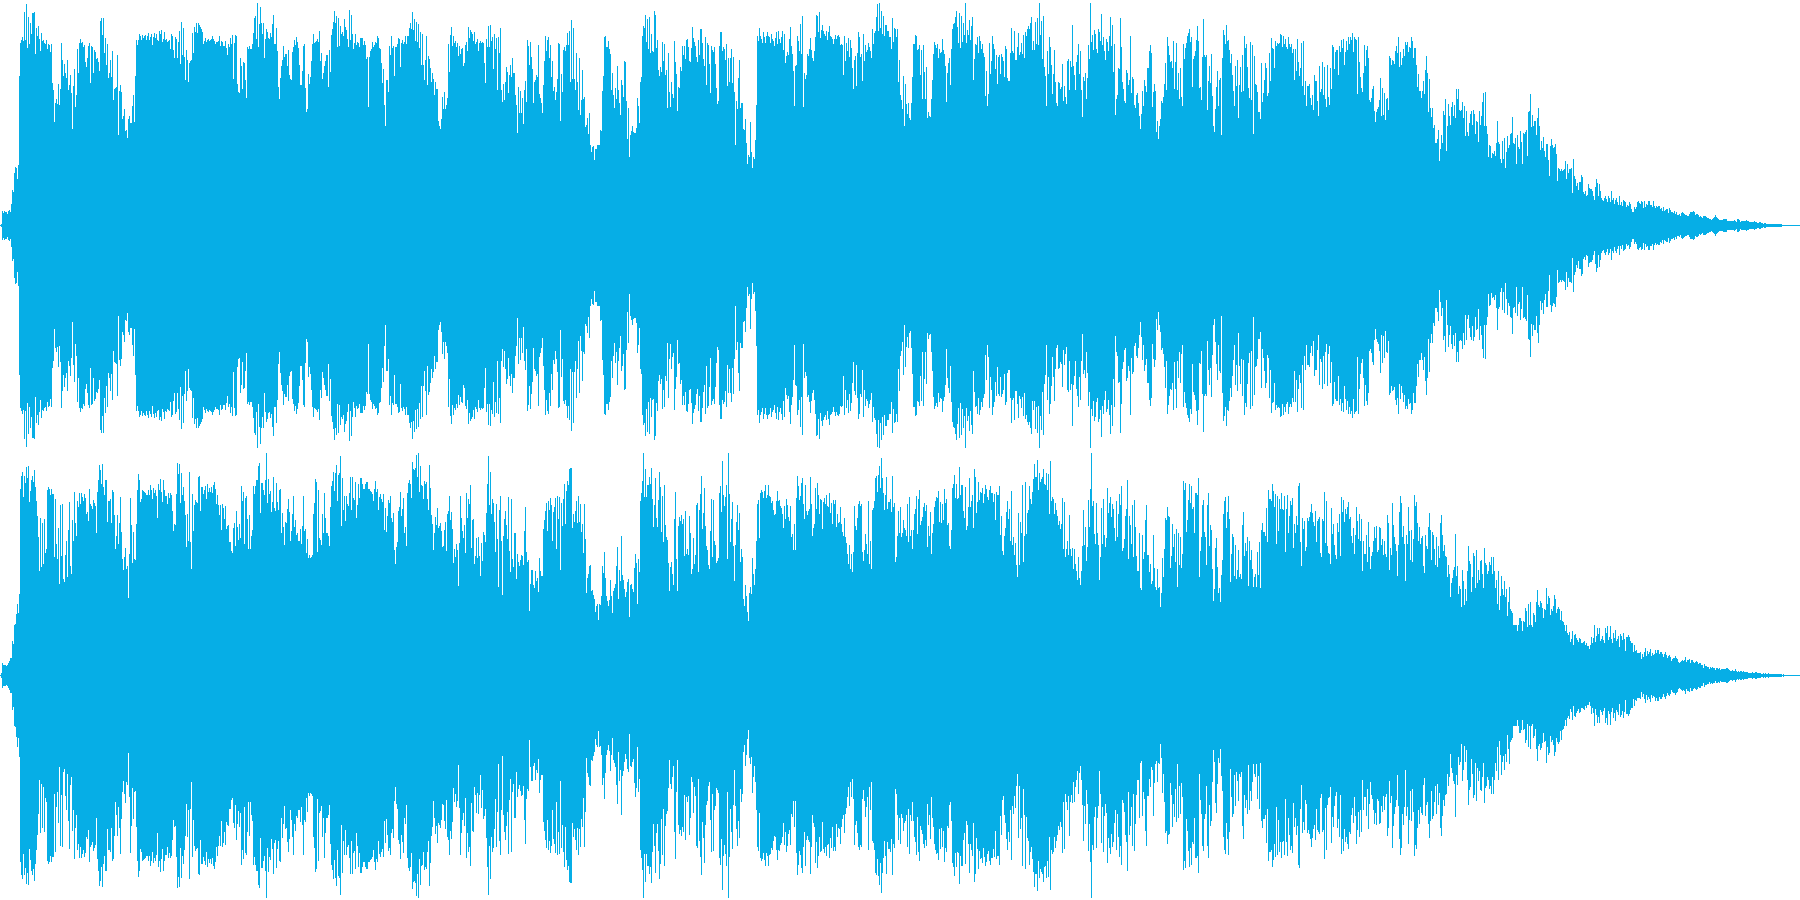 【15秒】きらめく海・夏/TVCM用 の再生済みの波形